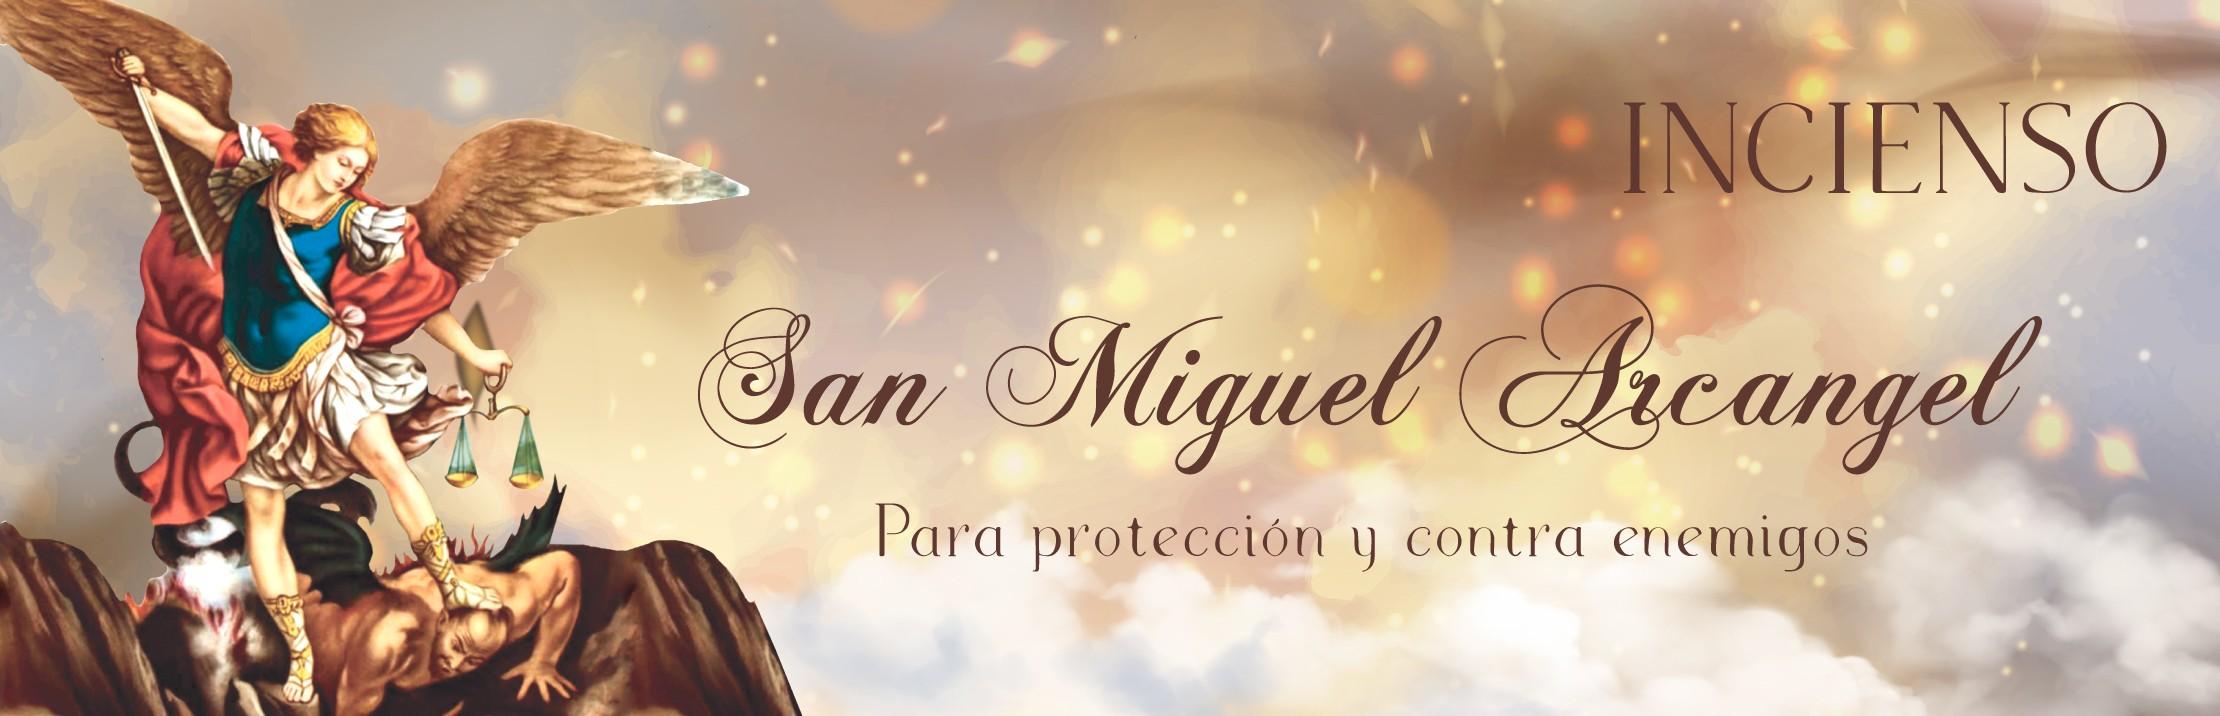 Incienso San Miguel Arcangel